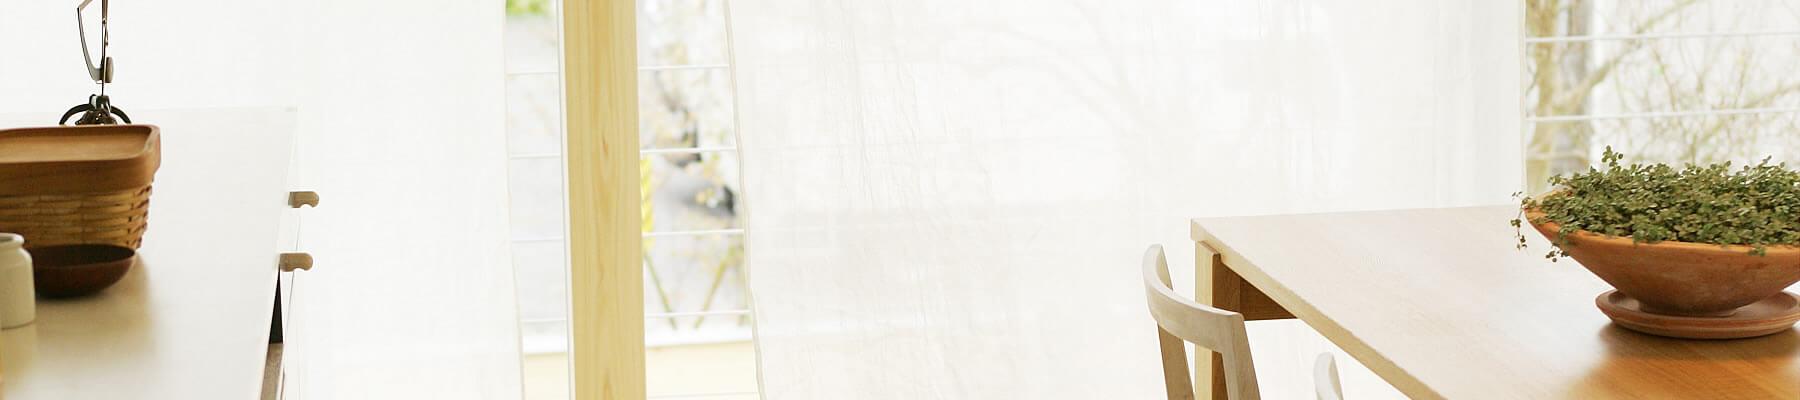 トピックス|安水建設|愛知県三河エリアの木造注文住宅・リフォーム